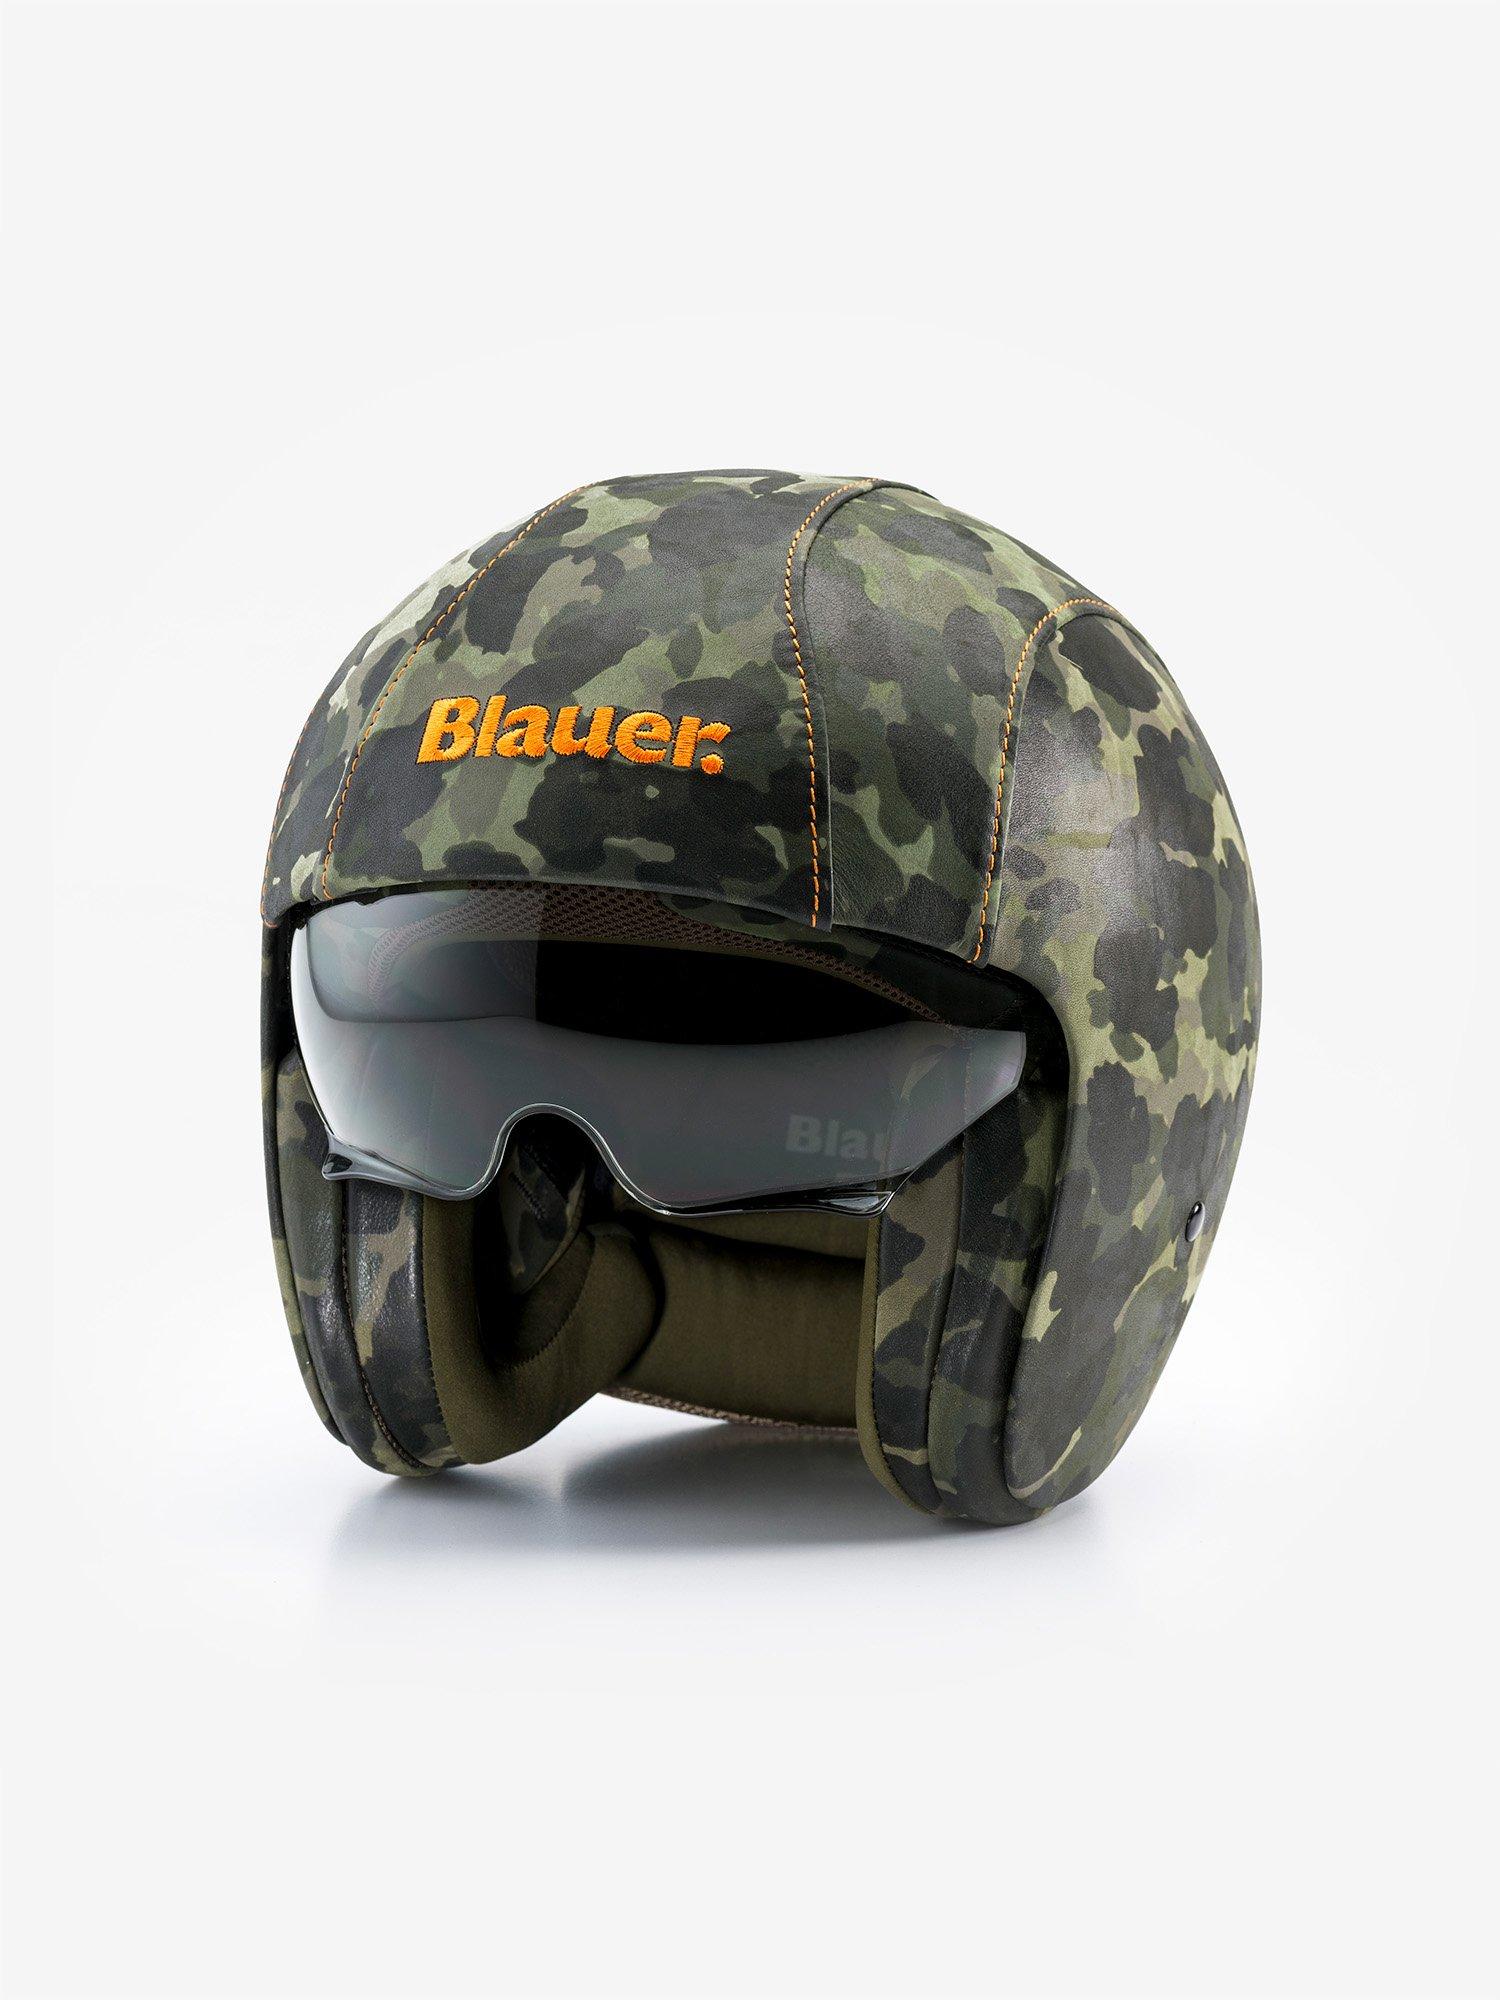 Blauer - PILOT 1.1 CAMUFLAJE - Camouflage Green - Blauer